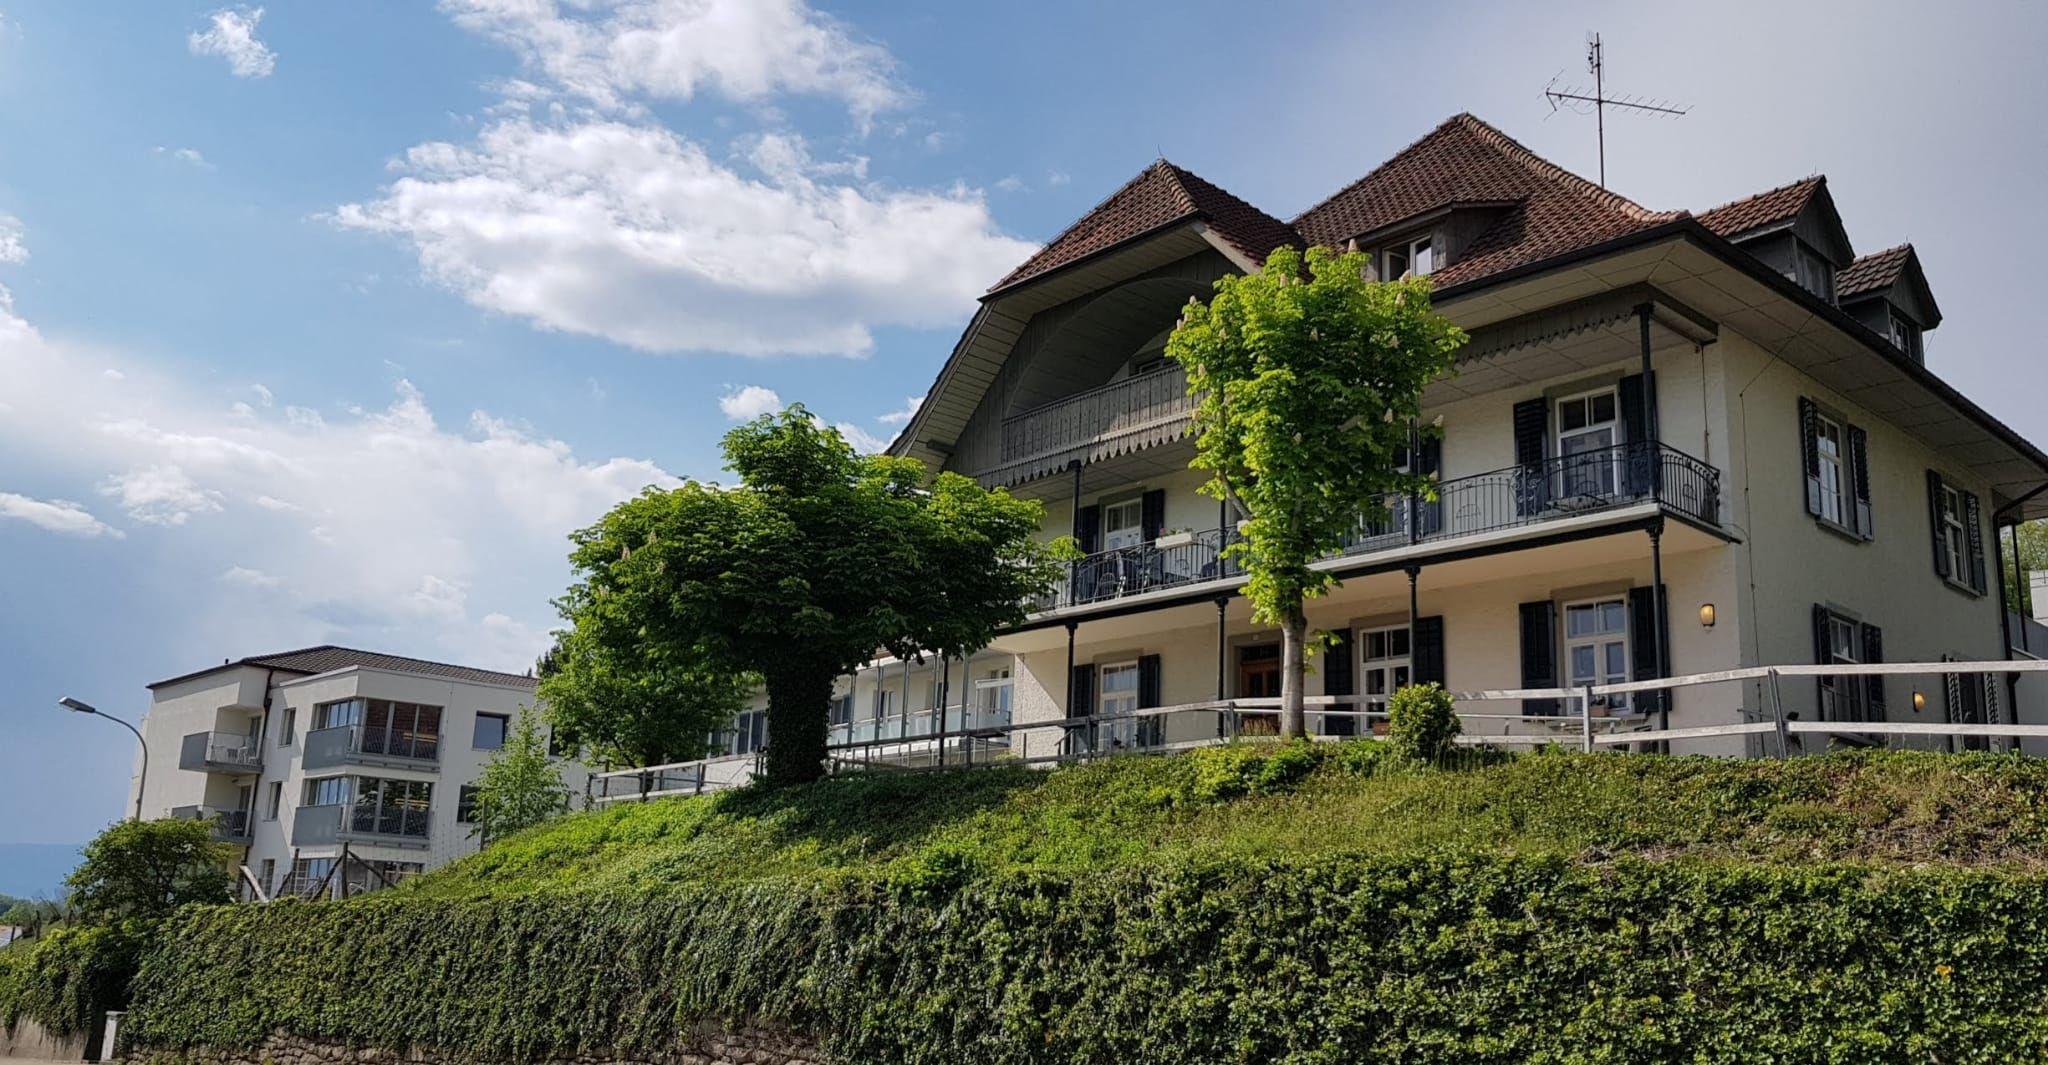 Vergabung Alters- und Pflegeheim Bucheggberg